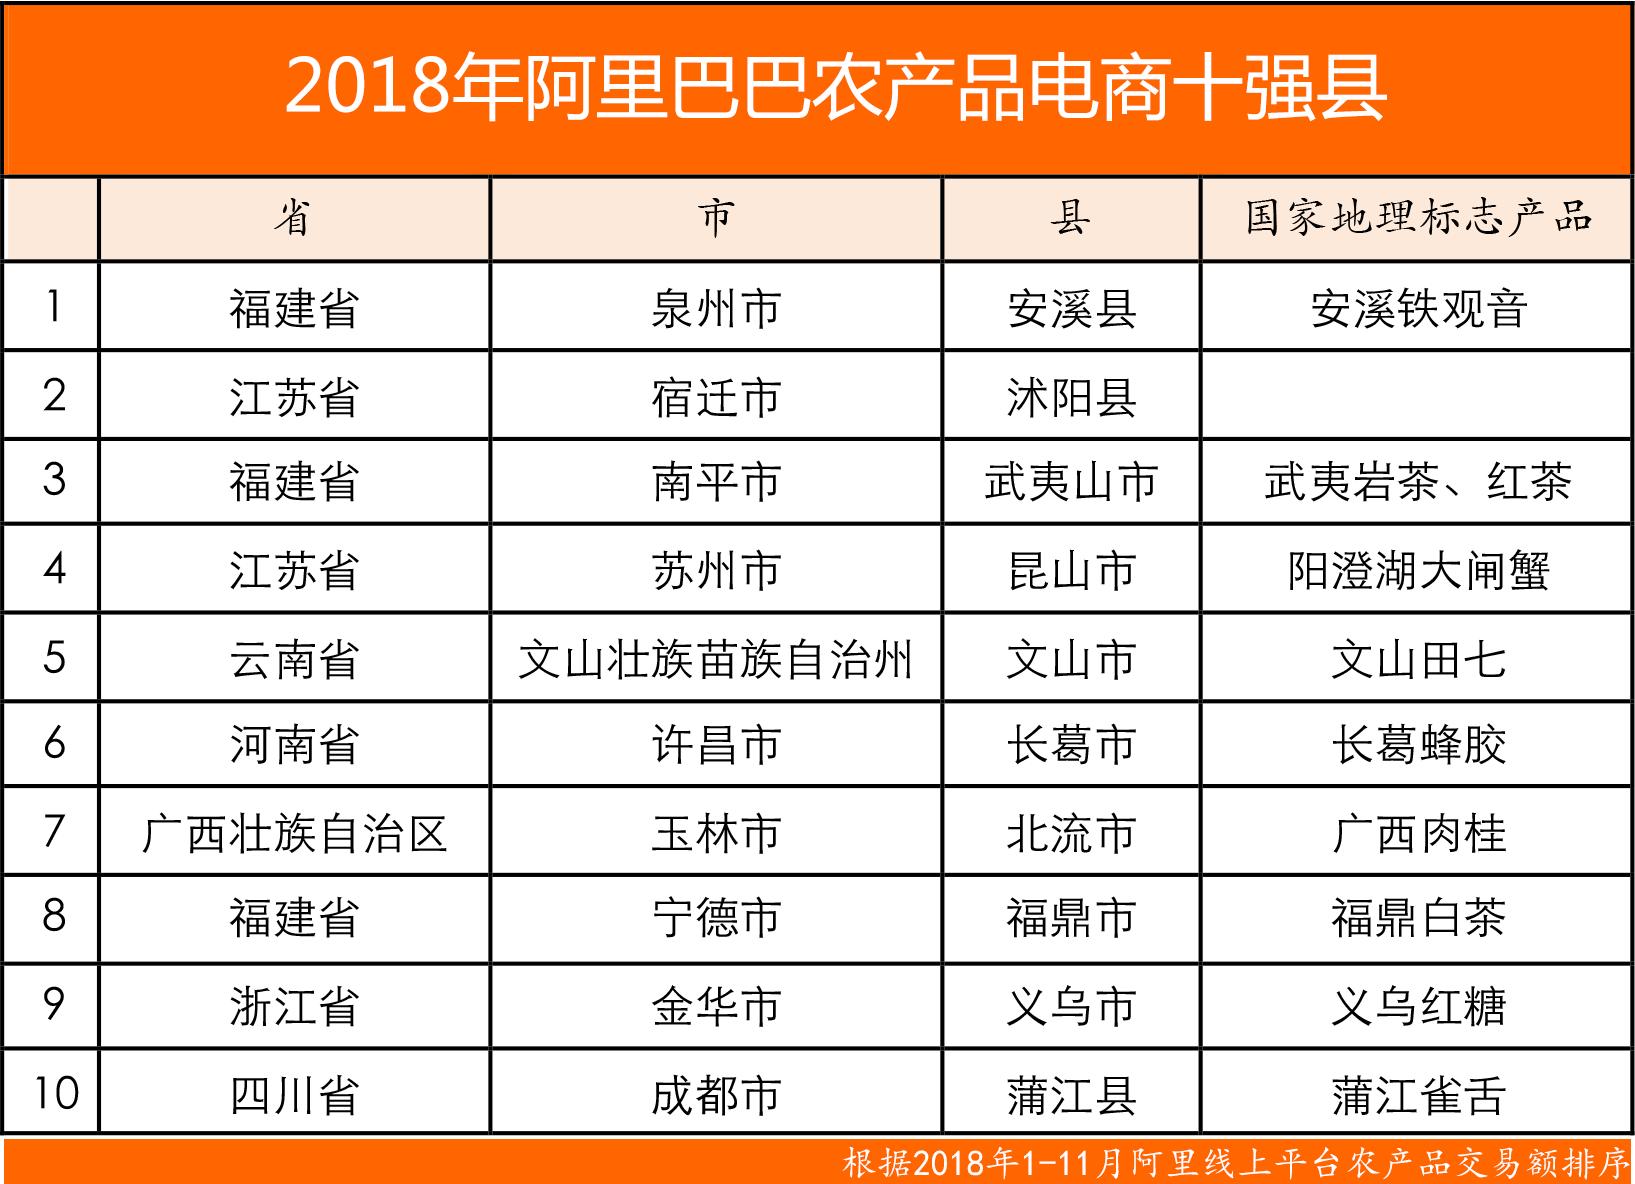 2018年阿里农产品电商十强县